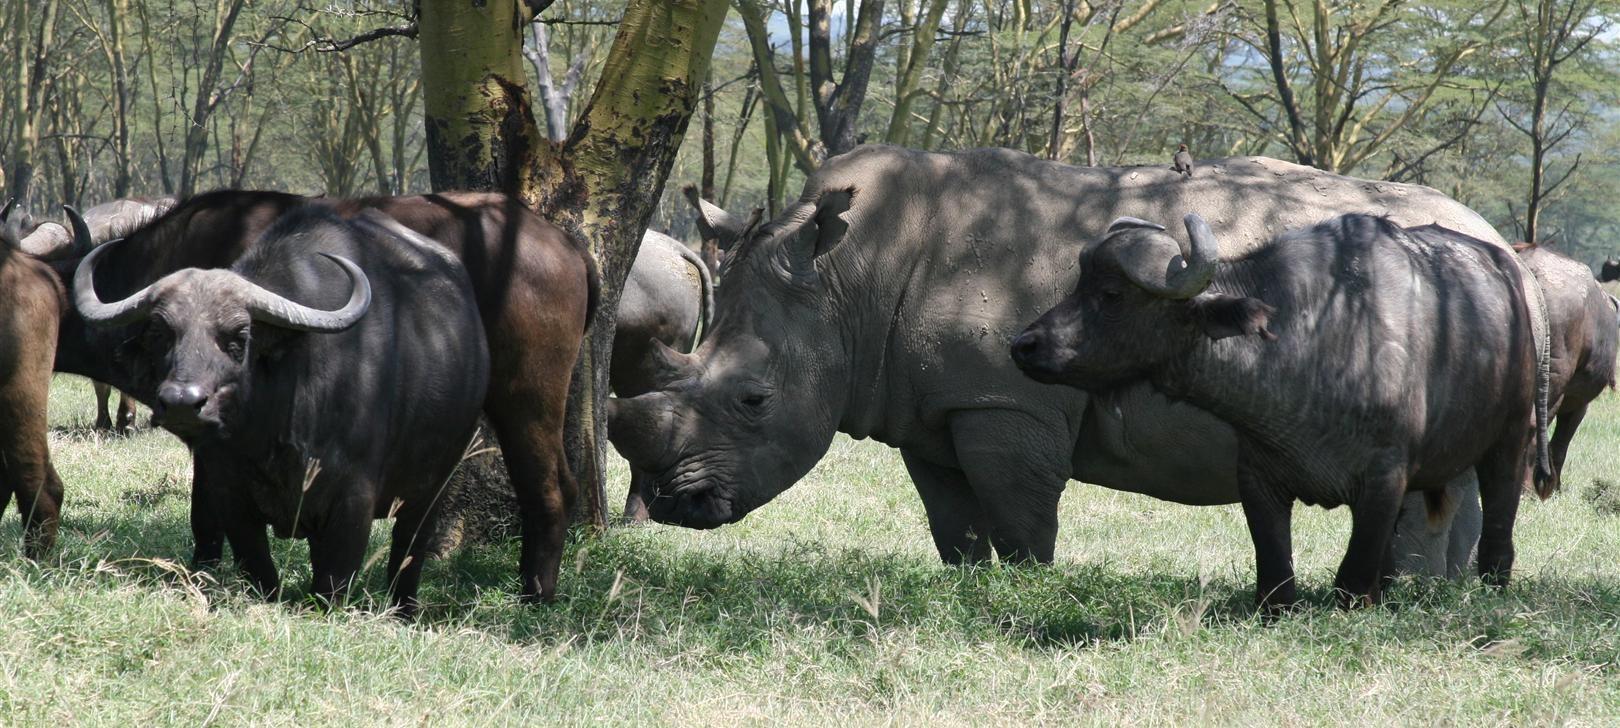 rhino and buffalo at Nakuru (photo by Steward Shang)